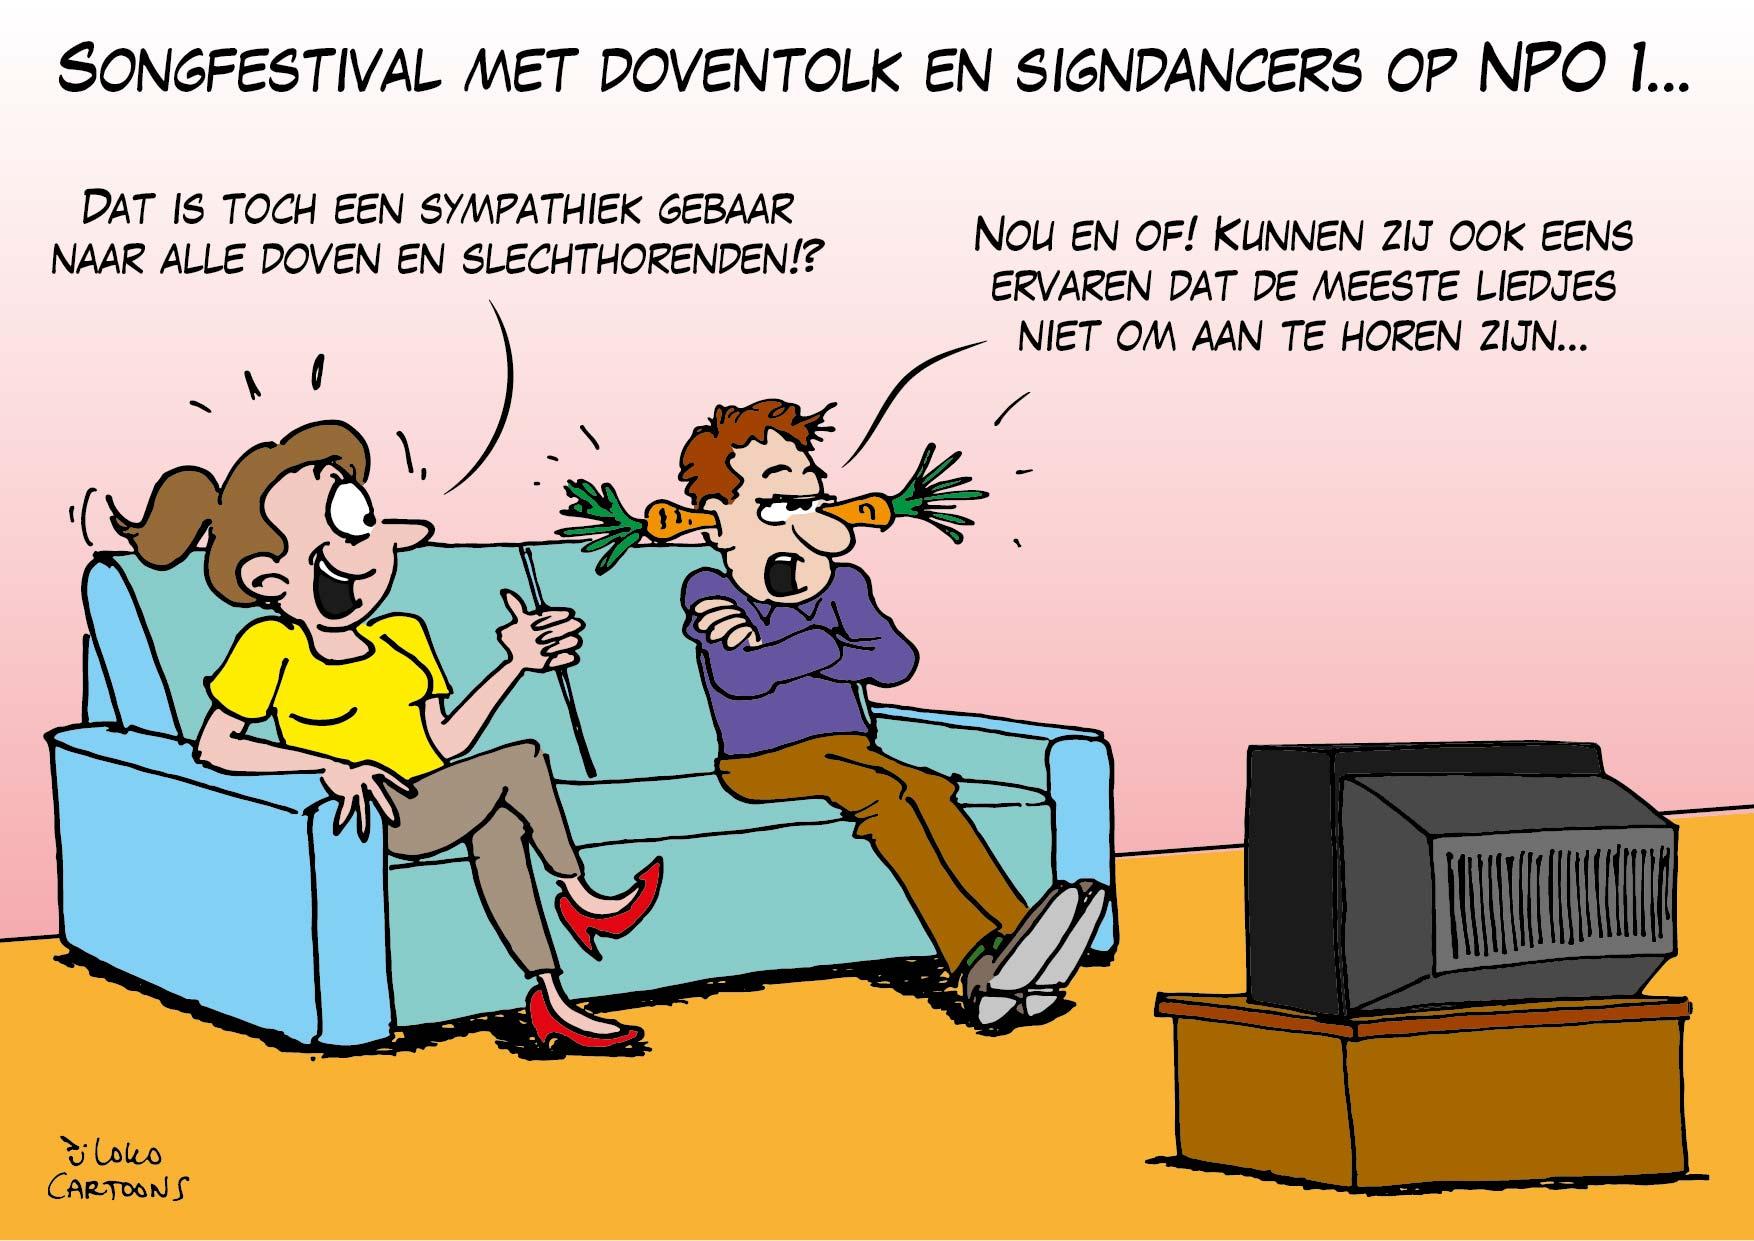 Songfestival met doventolk en signdancers op NPO 1…